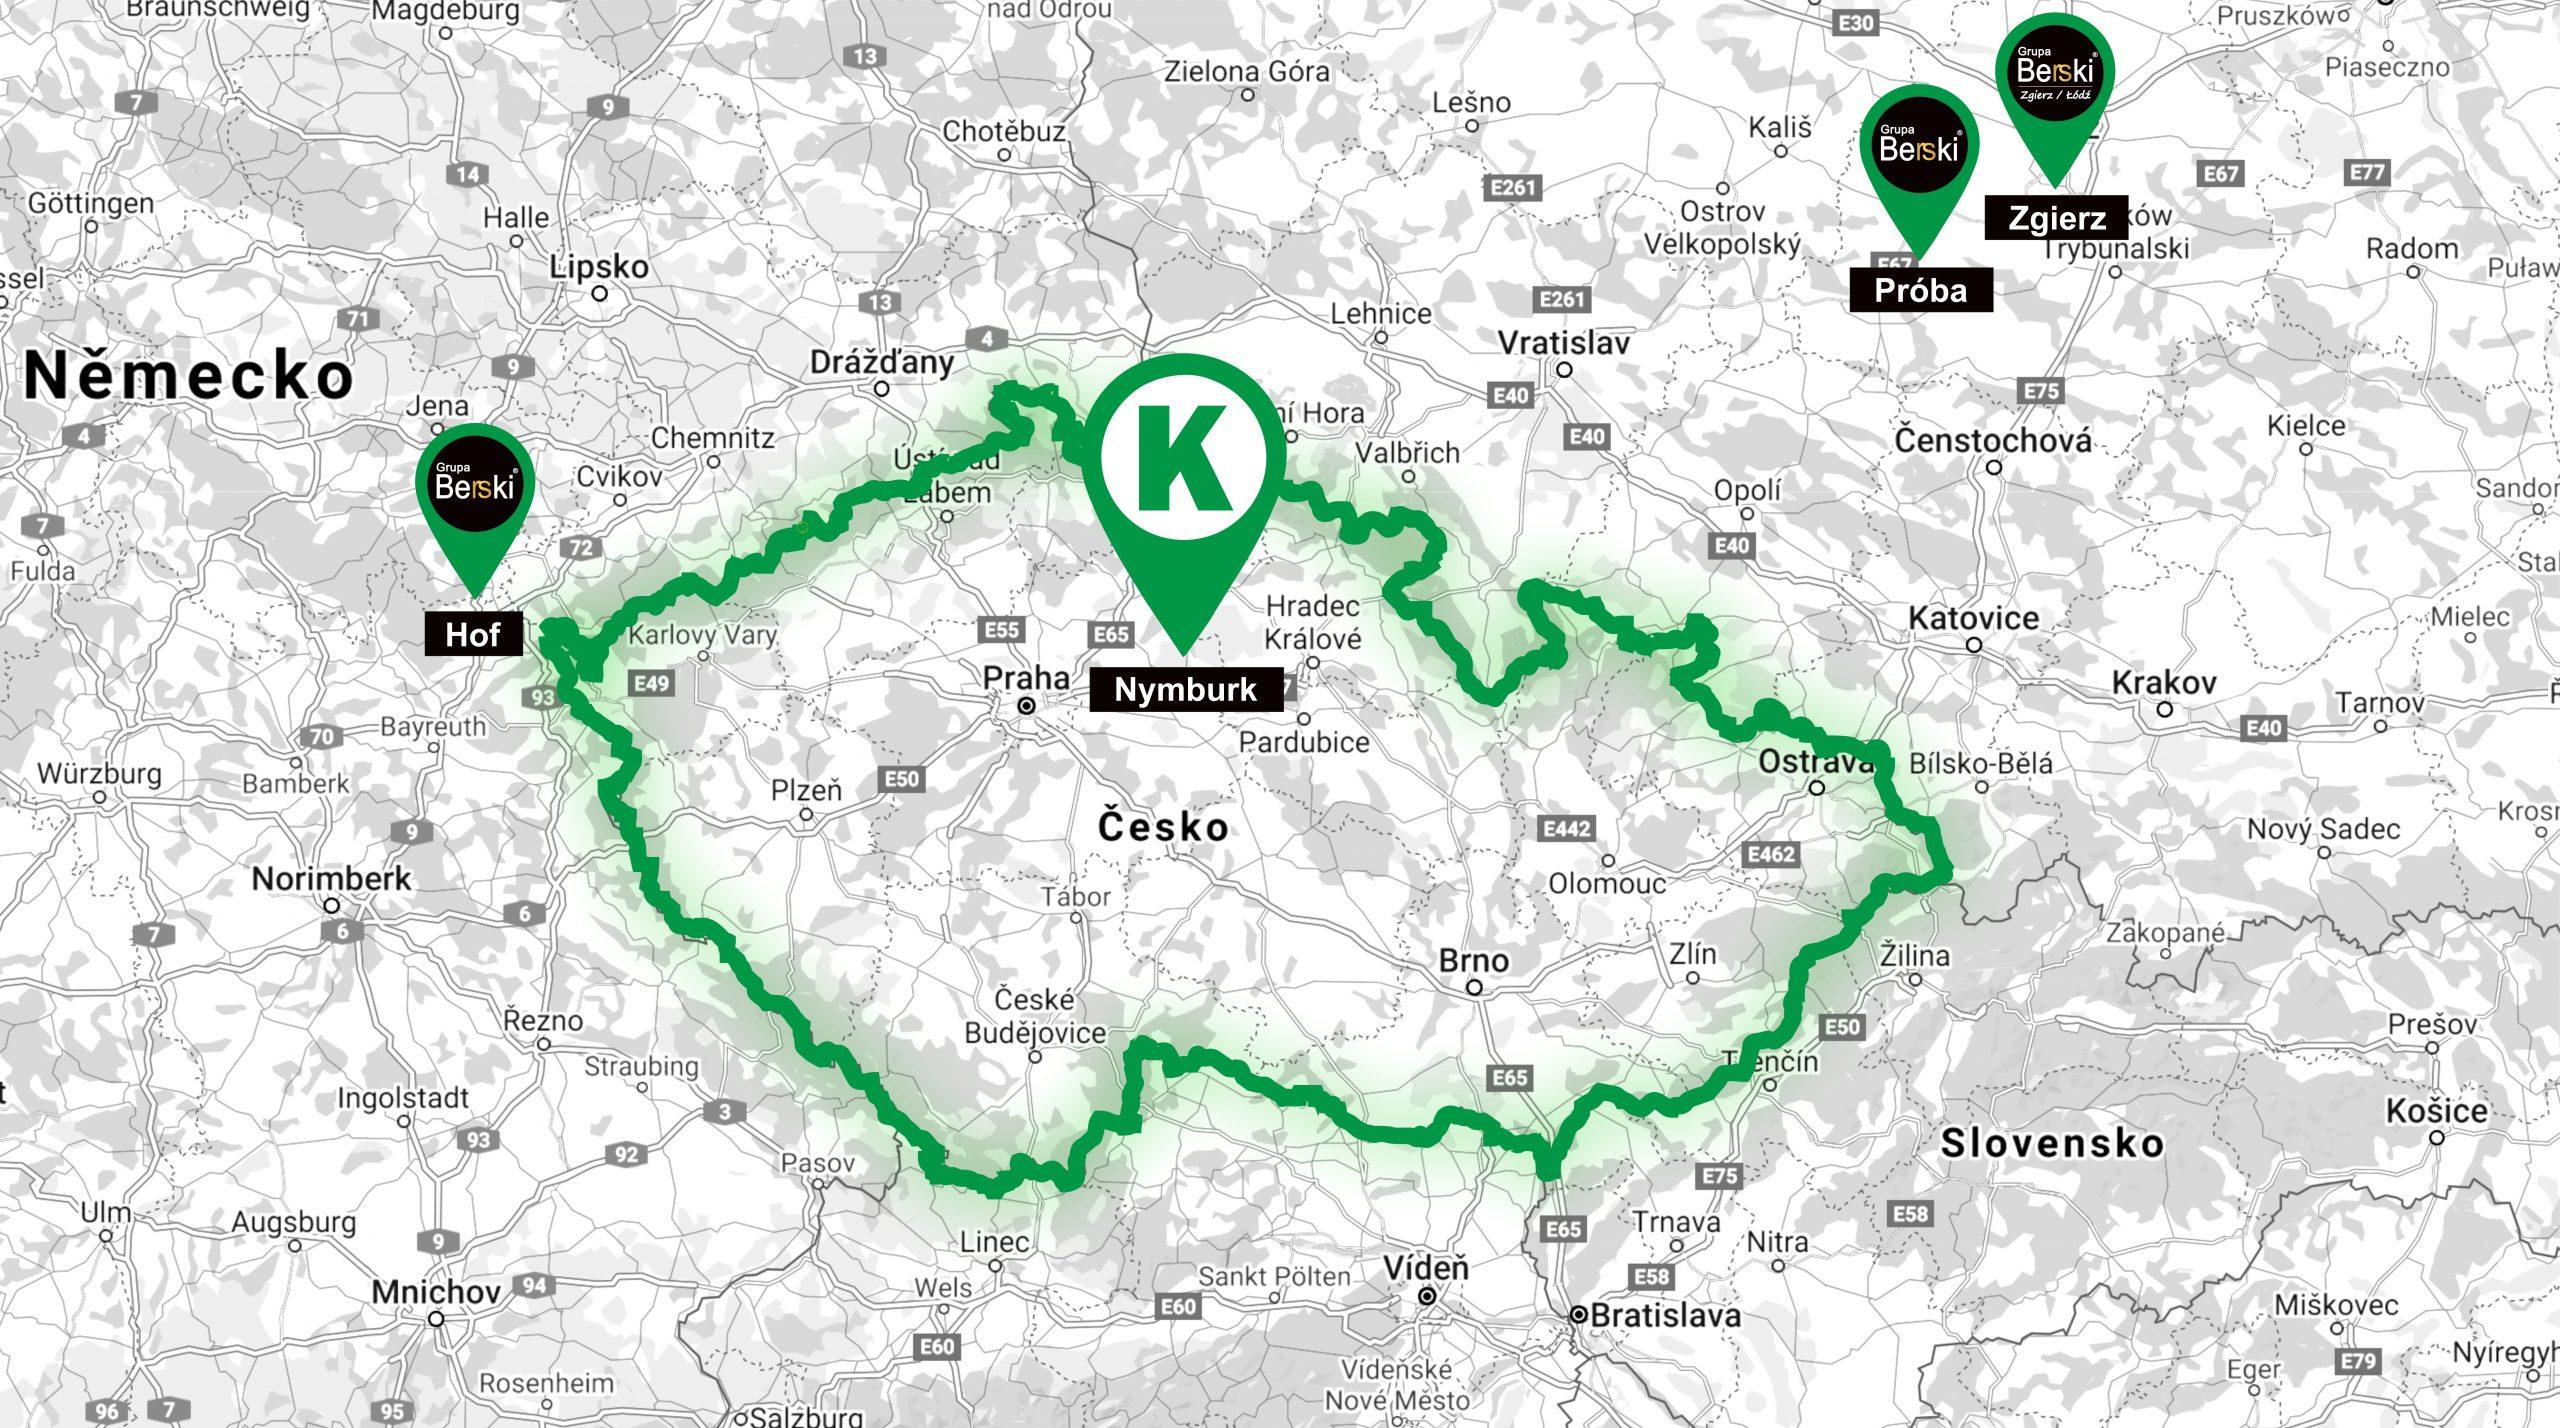 kotlemax-mapa